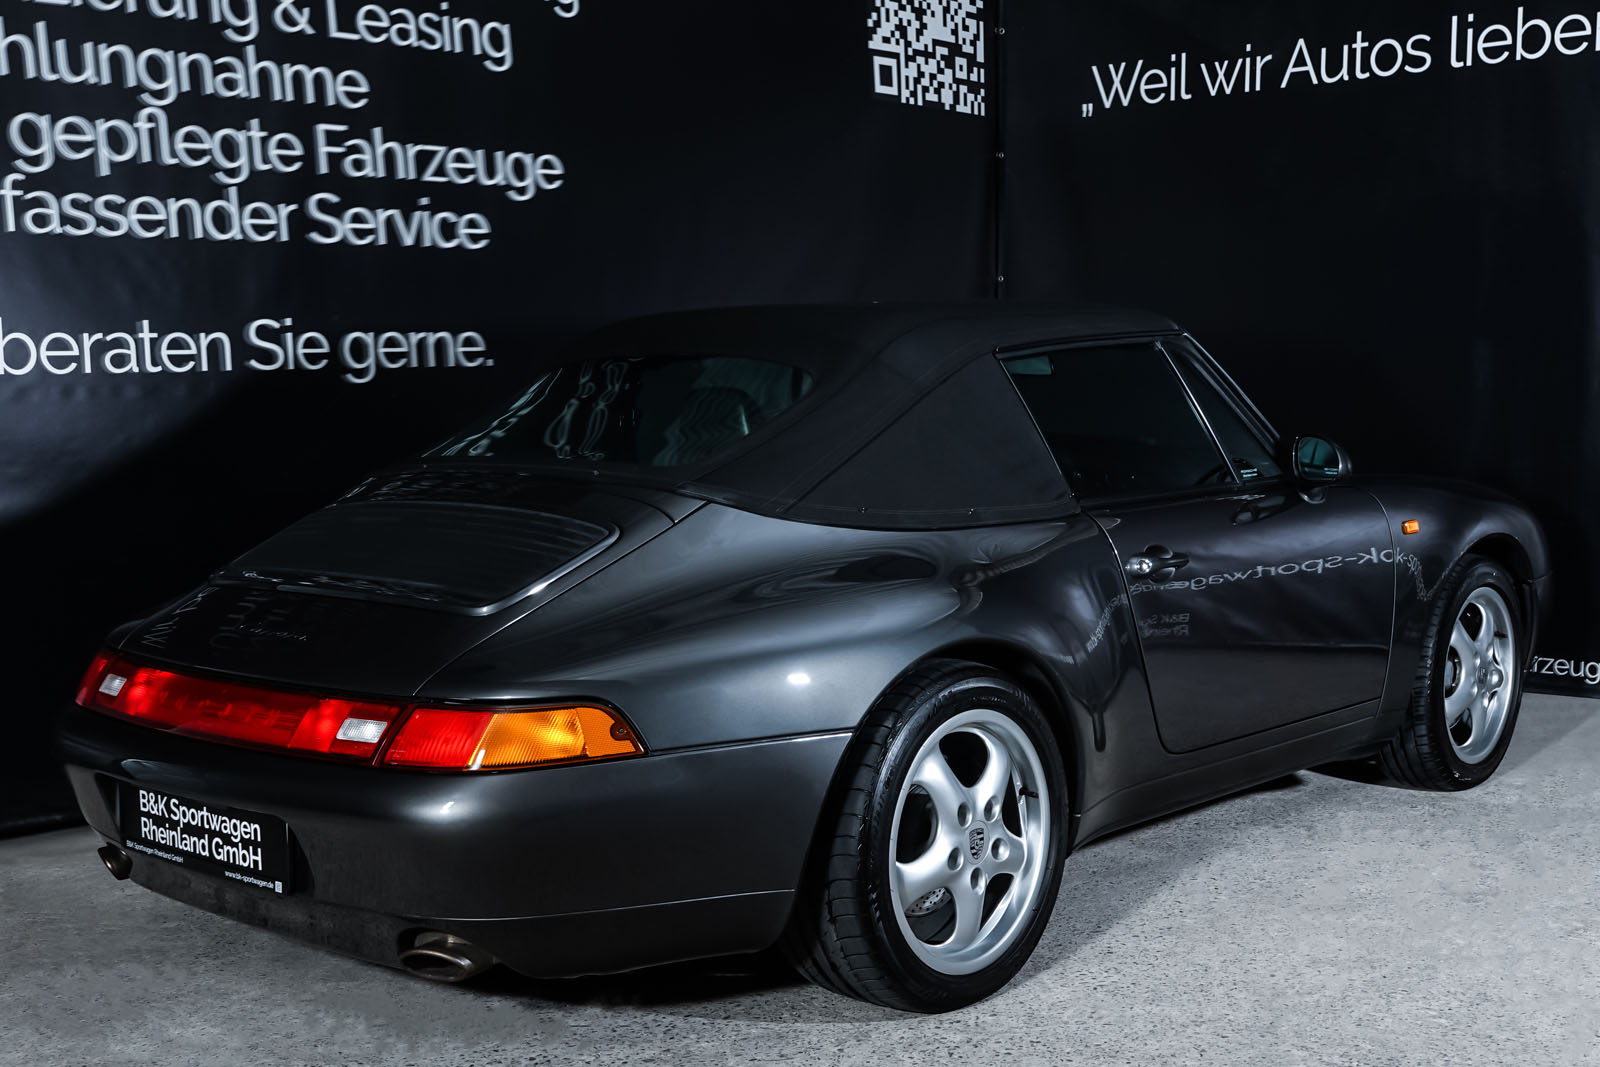 Porsche_993_Carrera_Cabrio_Grau_Schwarz_POR-2375_20_w